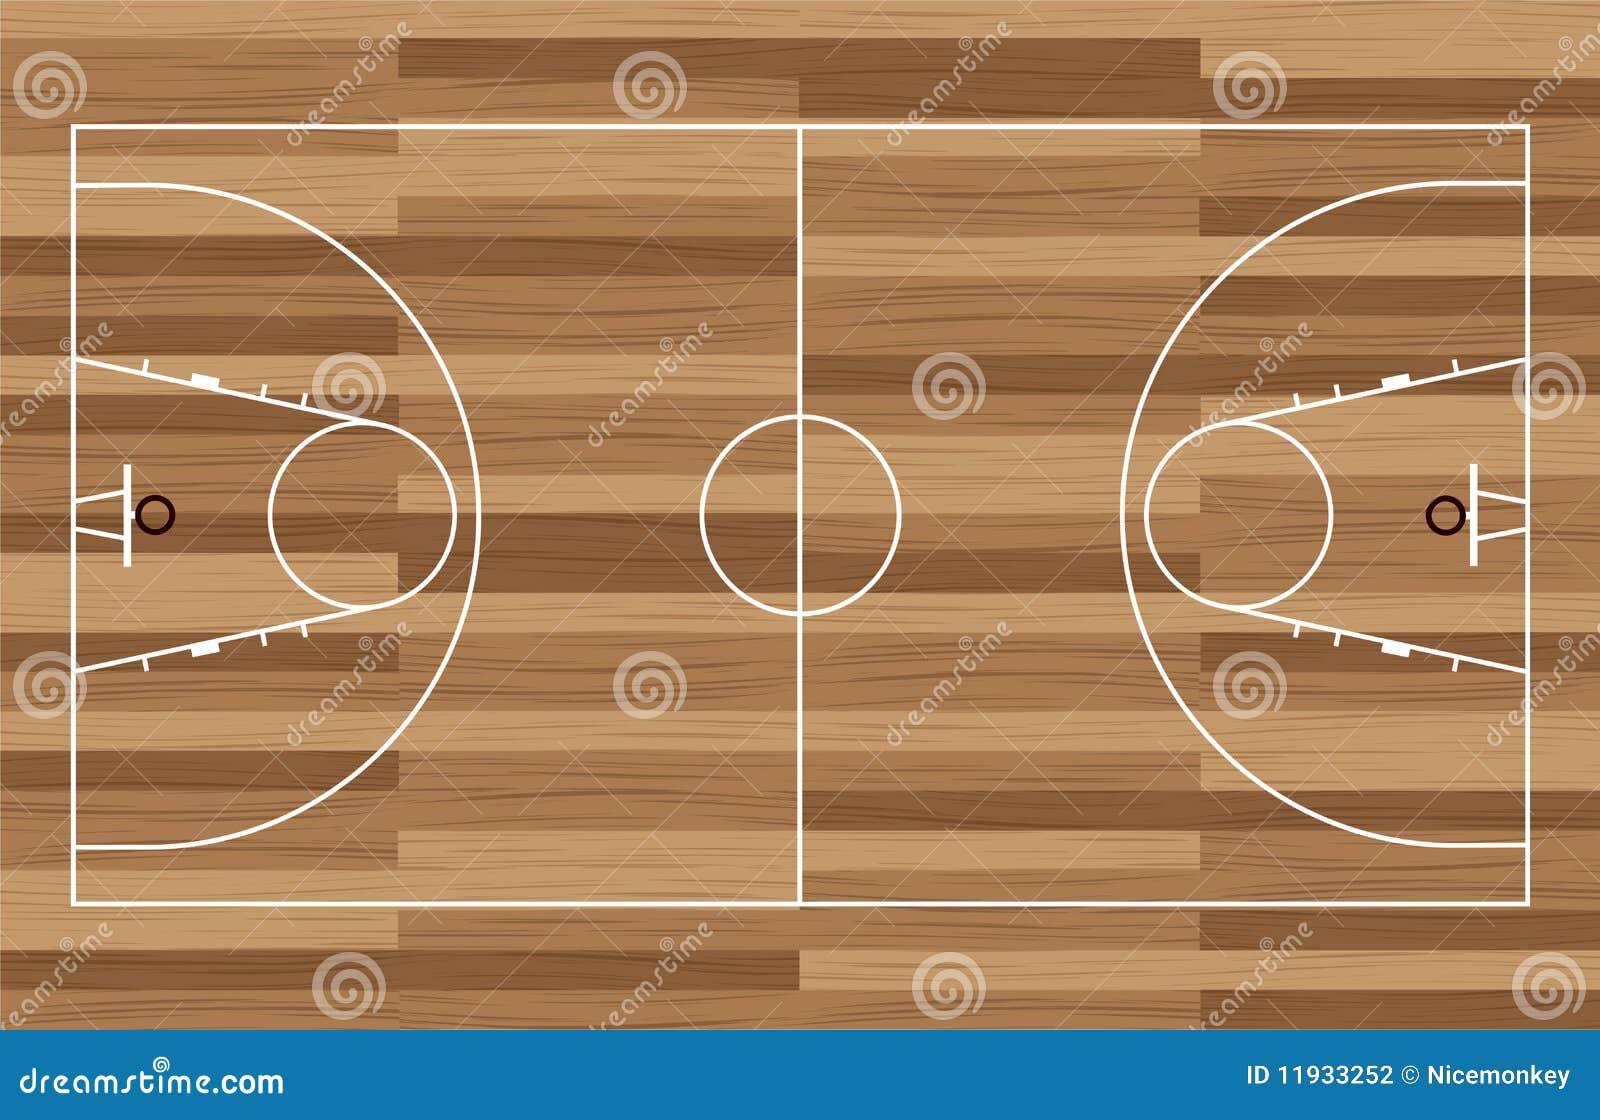 terrain de basket en bois illustration stock illustration du libre 11933252. Black Bedroom Furniture Sets. Home Design Ideas